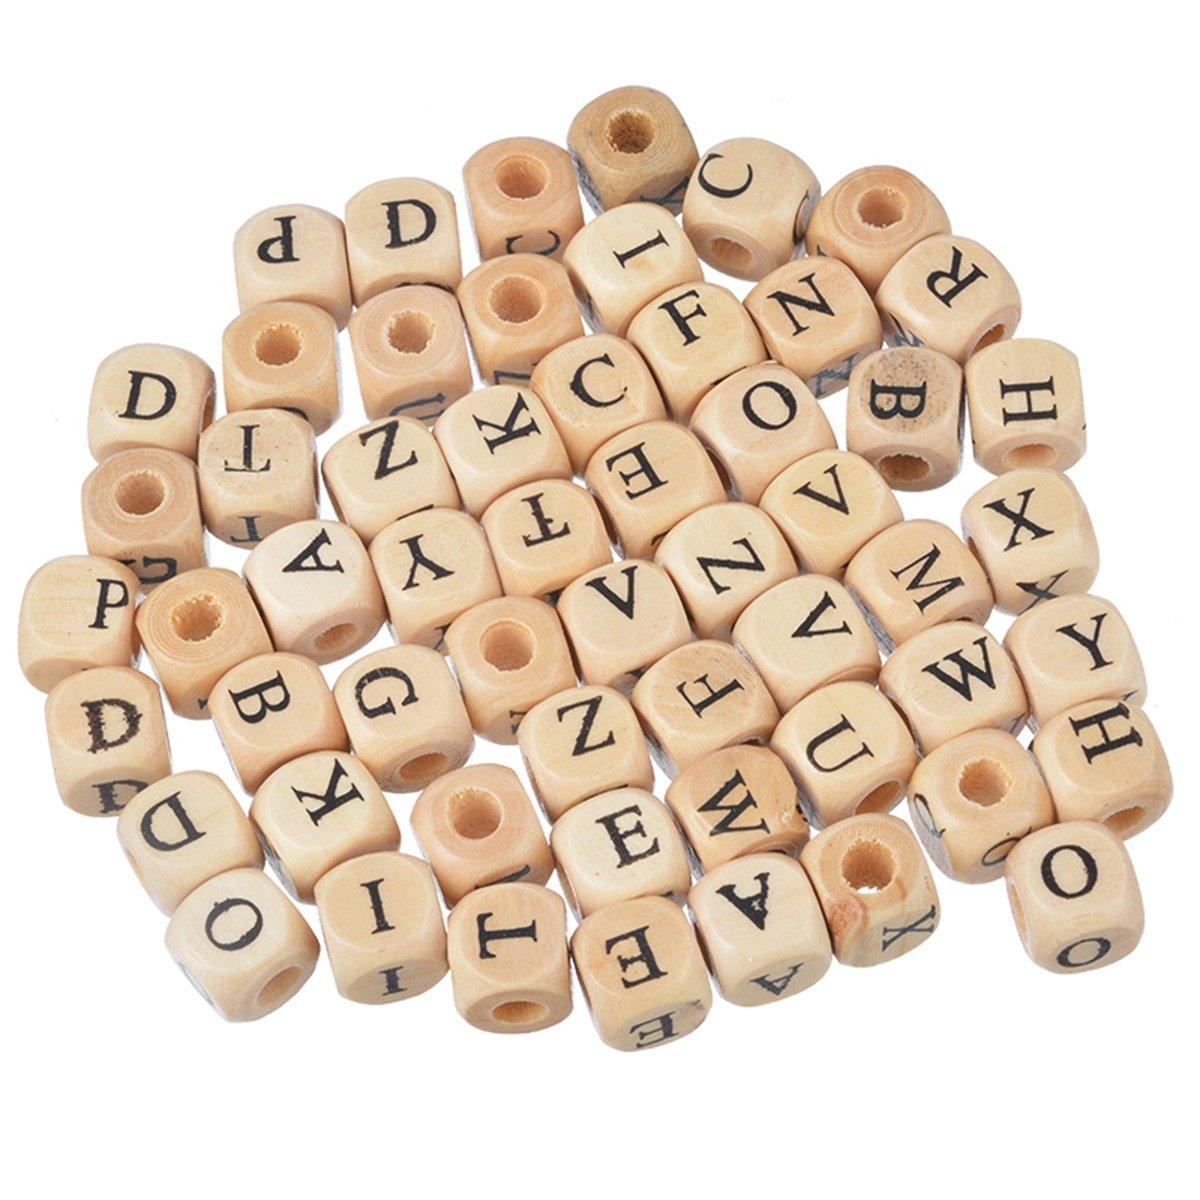 100pcs misti lettera dell\' alfabeto cubo legno con perline per fai da te fare scoperte 10mm Yin Feng 0AF0SA0U8N